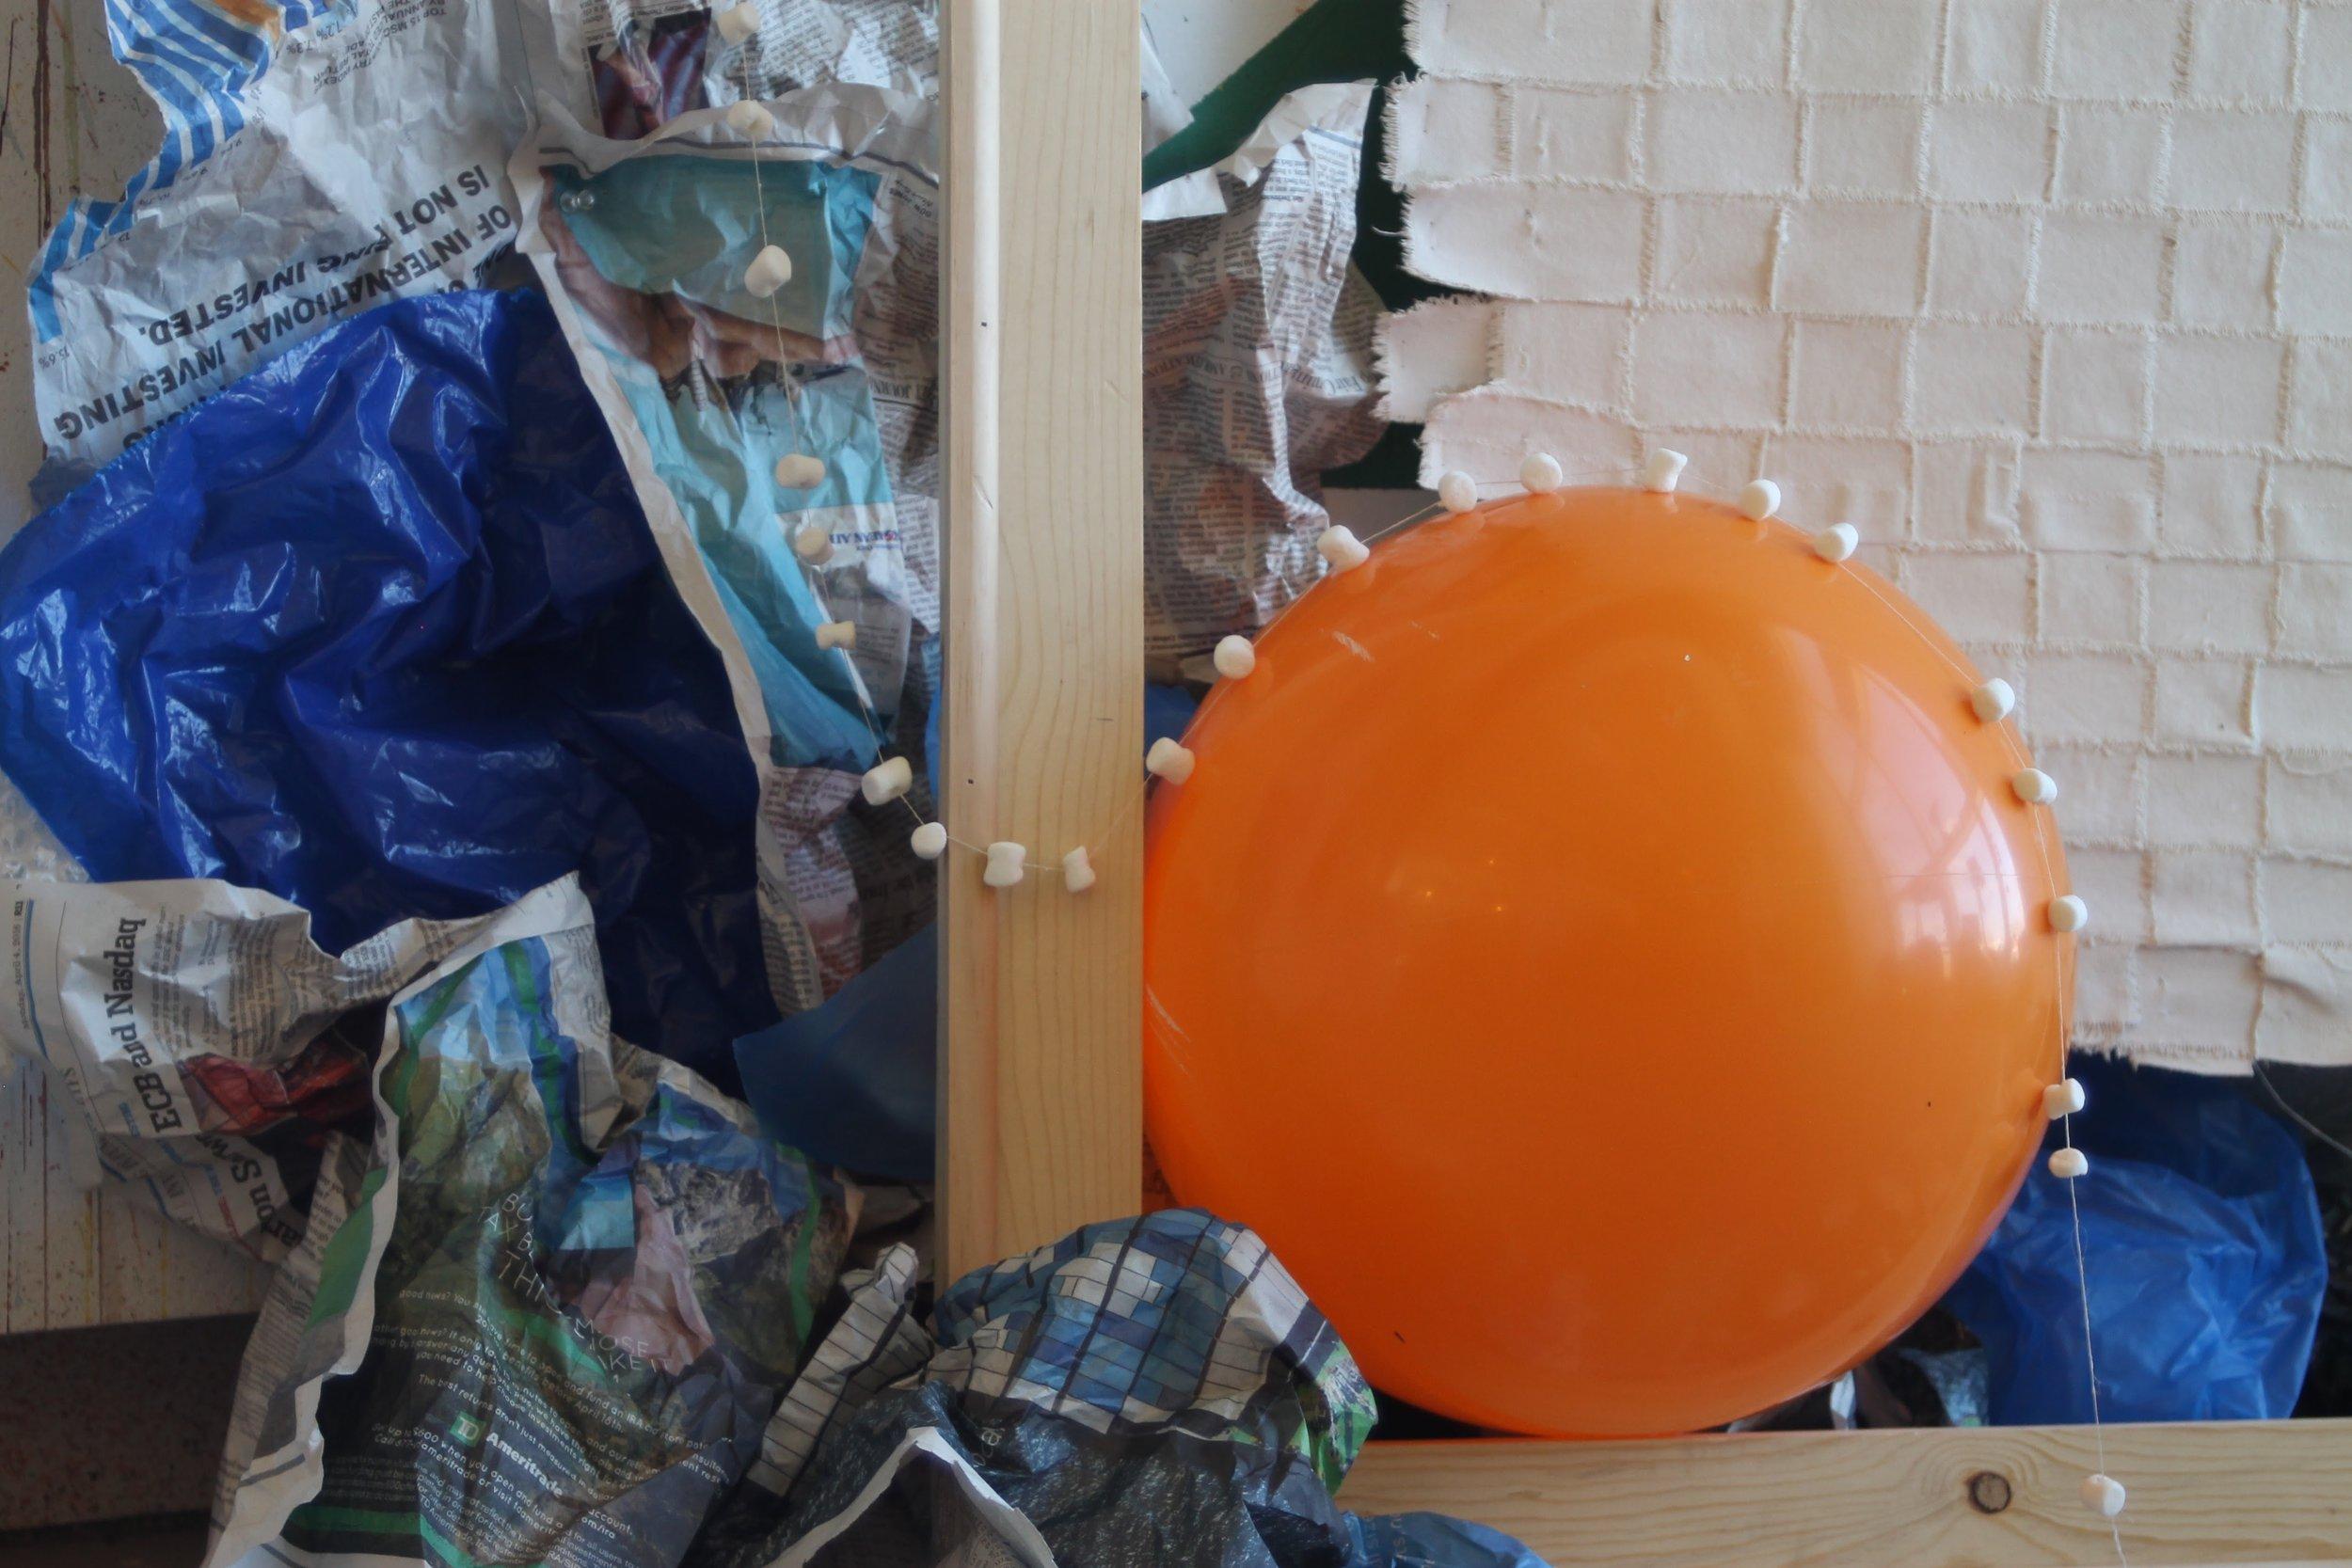 rubber ball close up.jpg